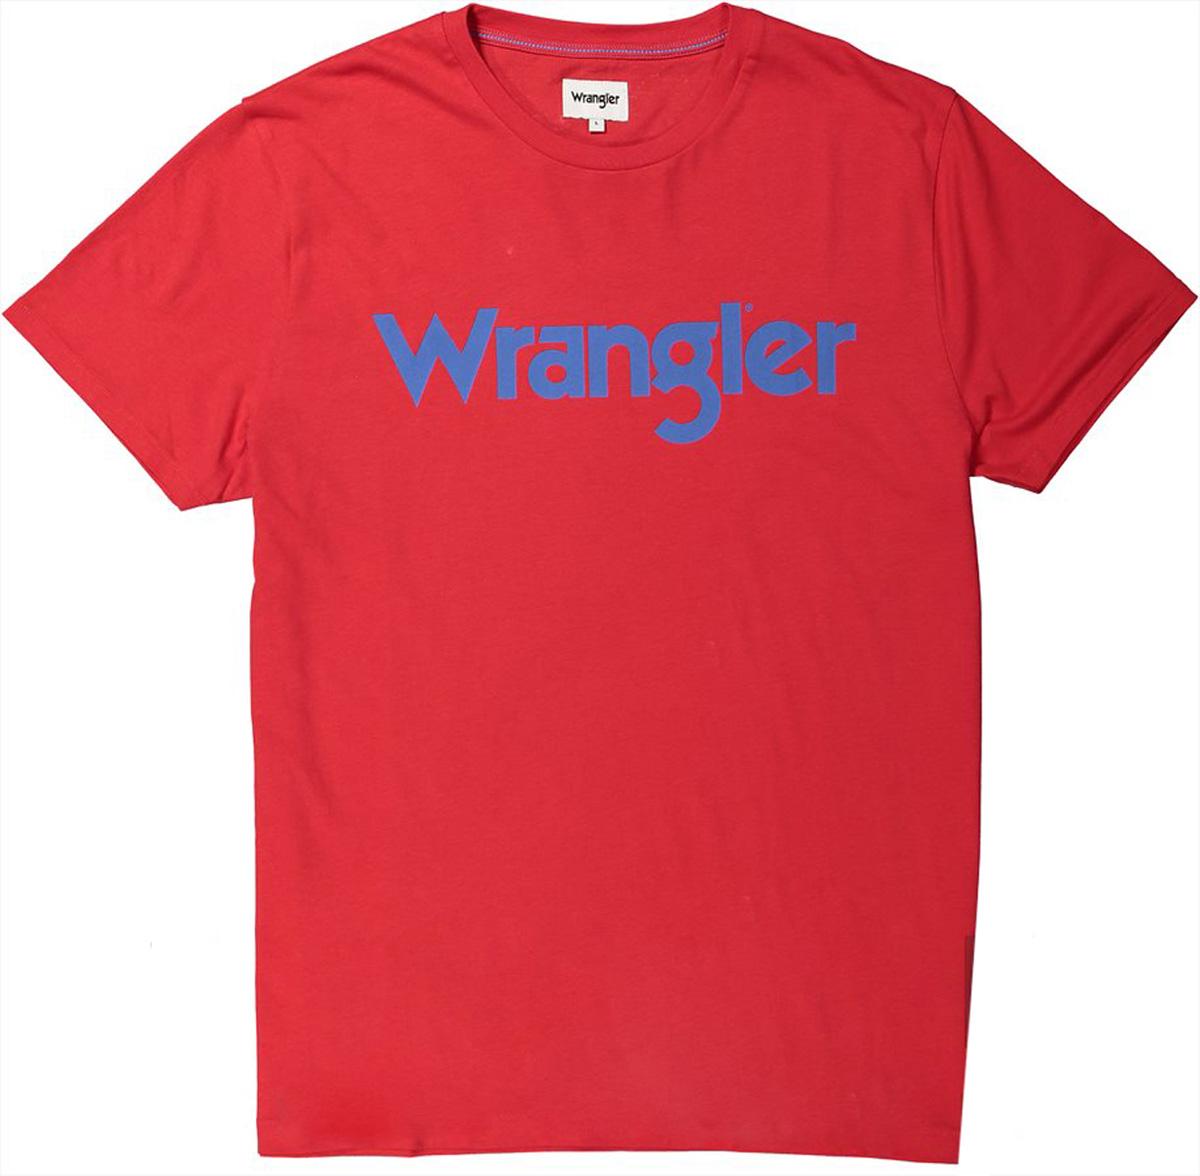 Футболка мужская Wrangler, цвет: красный. W7A86D374. Размер M (48)W7A86D374Футболка от Wrangler выполнена из натурального хлопкового материала. Модель с короткими рукавами и круглым вырезом горловины на груди оформлена надписью.